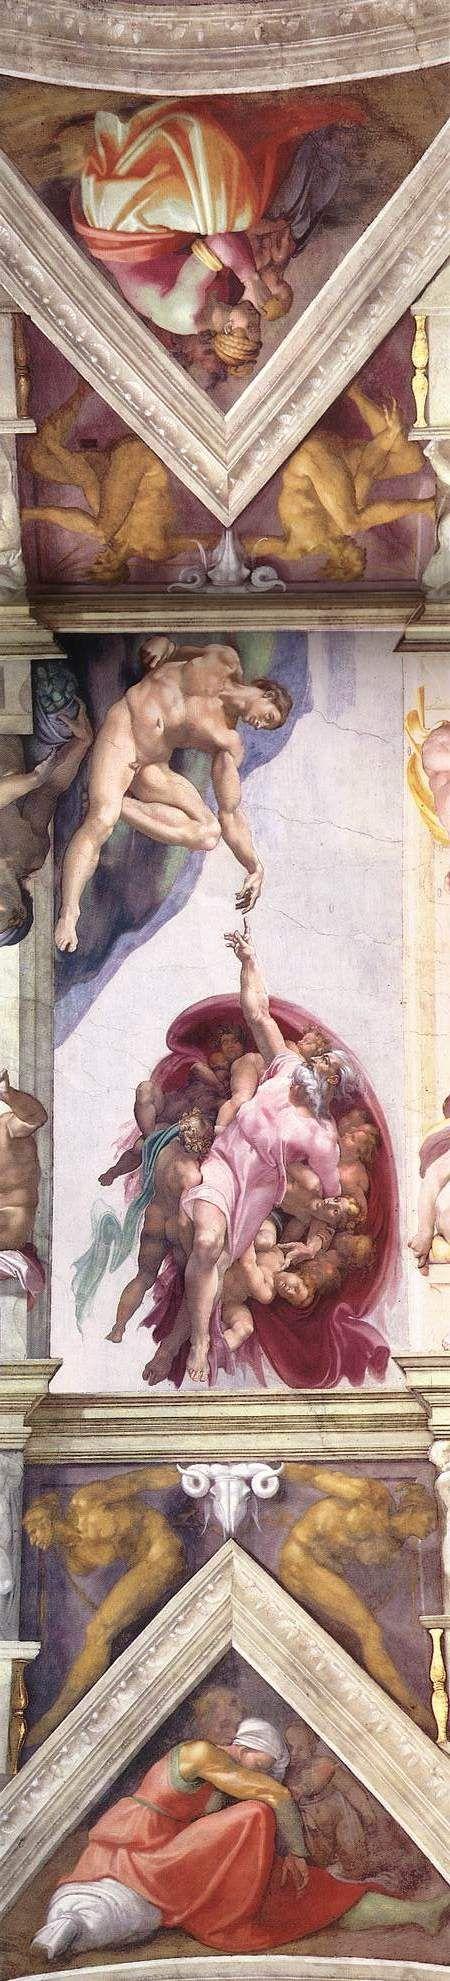 MICHELANGELO BUONARROTI - (1475 - 1564) - Sistine Chapel - Ceiling  #michelangelo #paintings #art